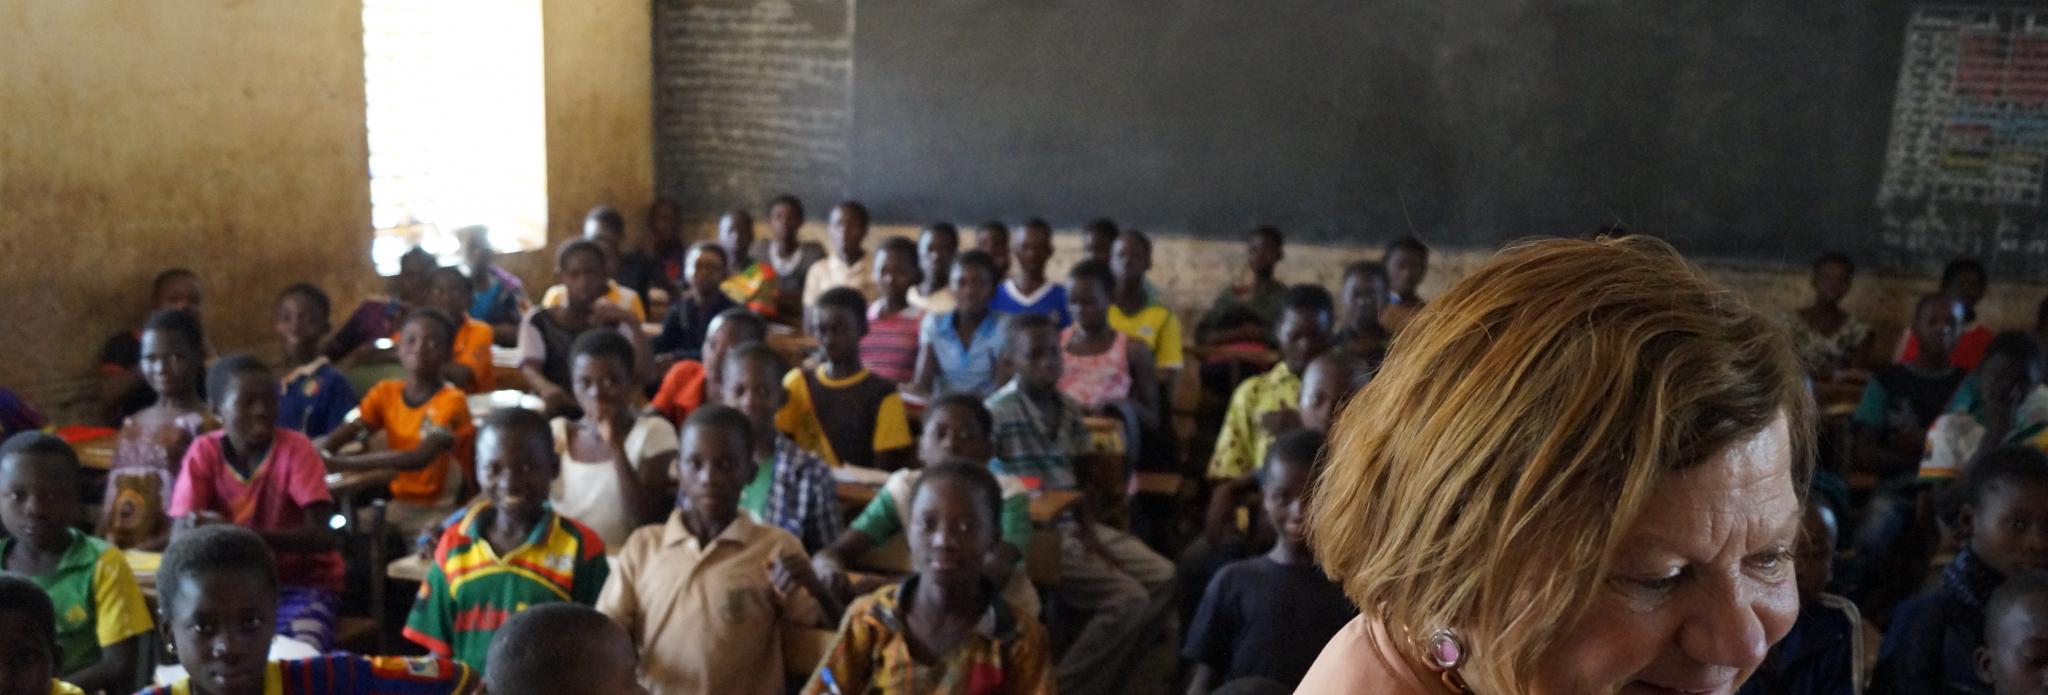 solidarité, poésie, Burkina Faso partage de savoirs, idées de loisirs accessibles